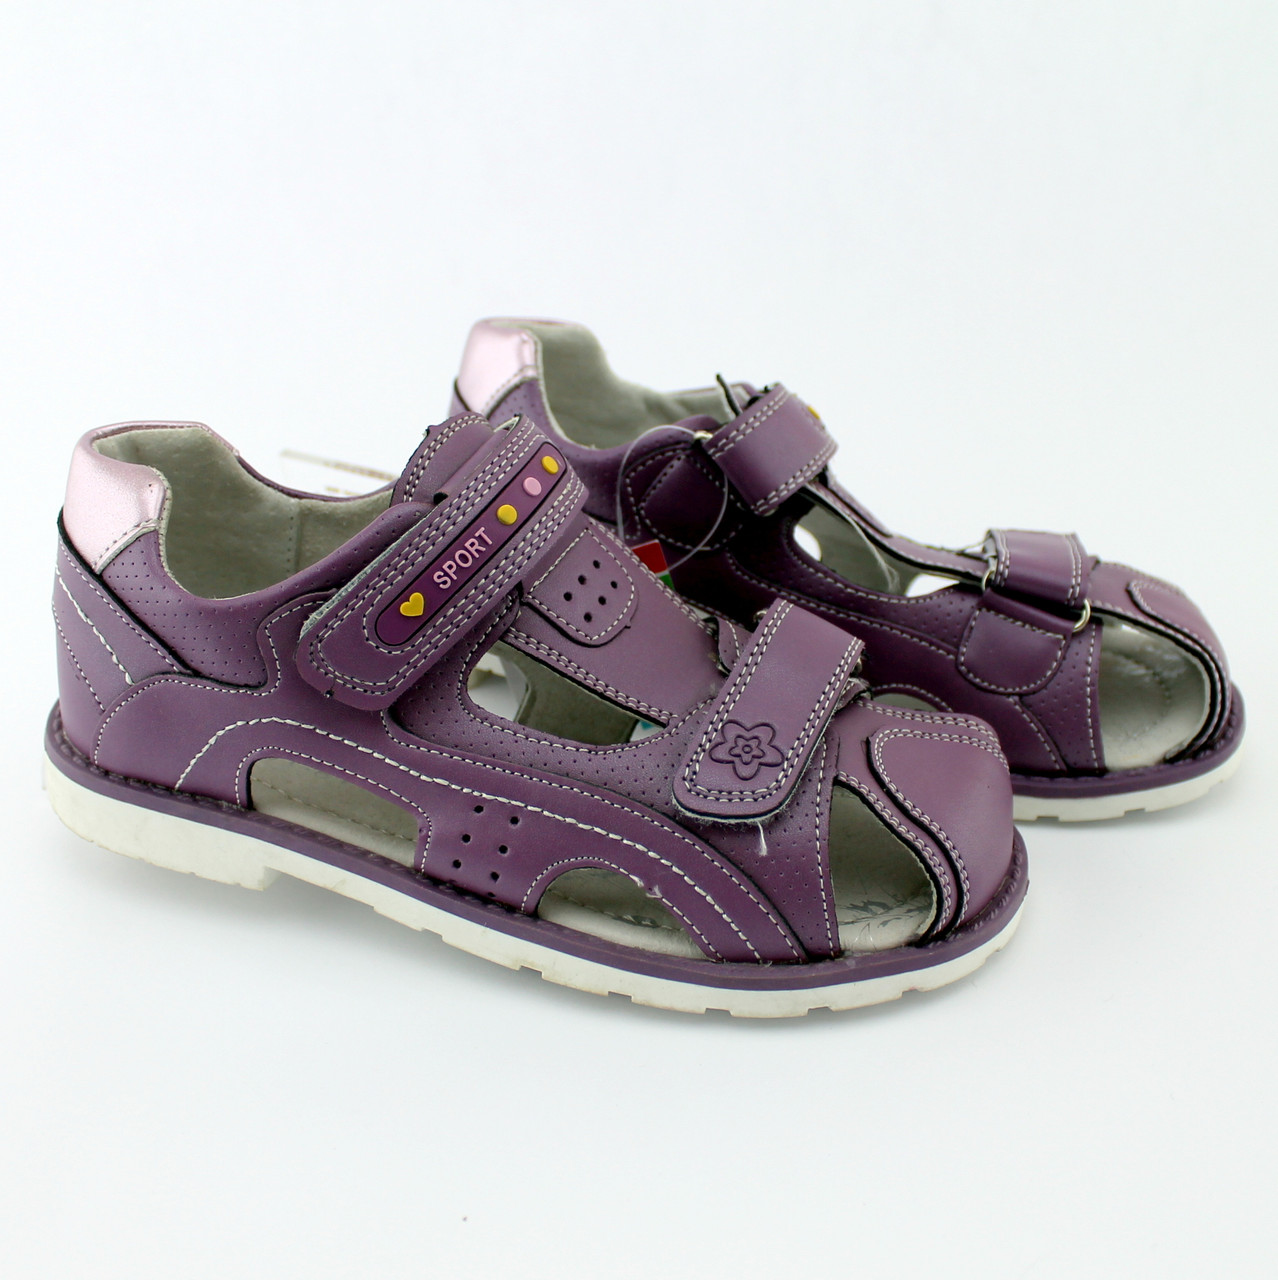 Детские Босоножки Ортопед на девочку серия летней обуви Ортопед Томм размер  32 4991614534d38